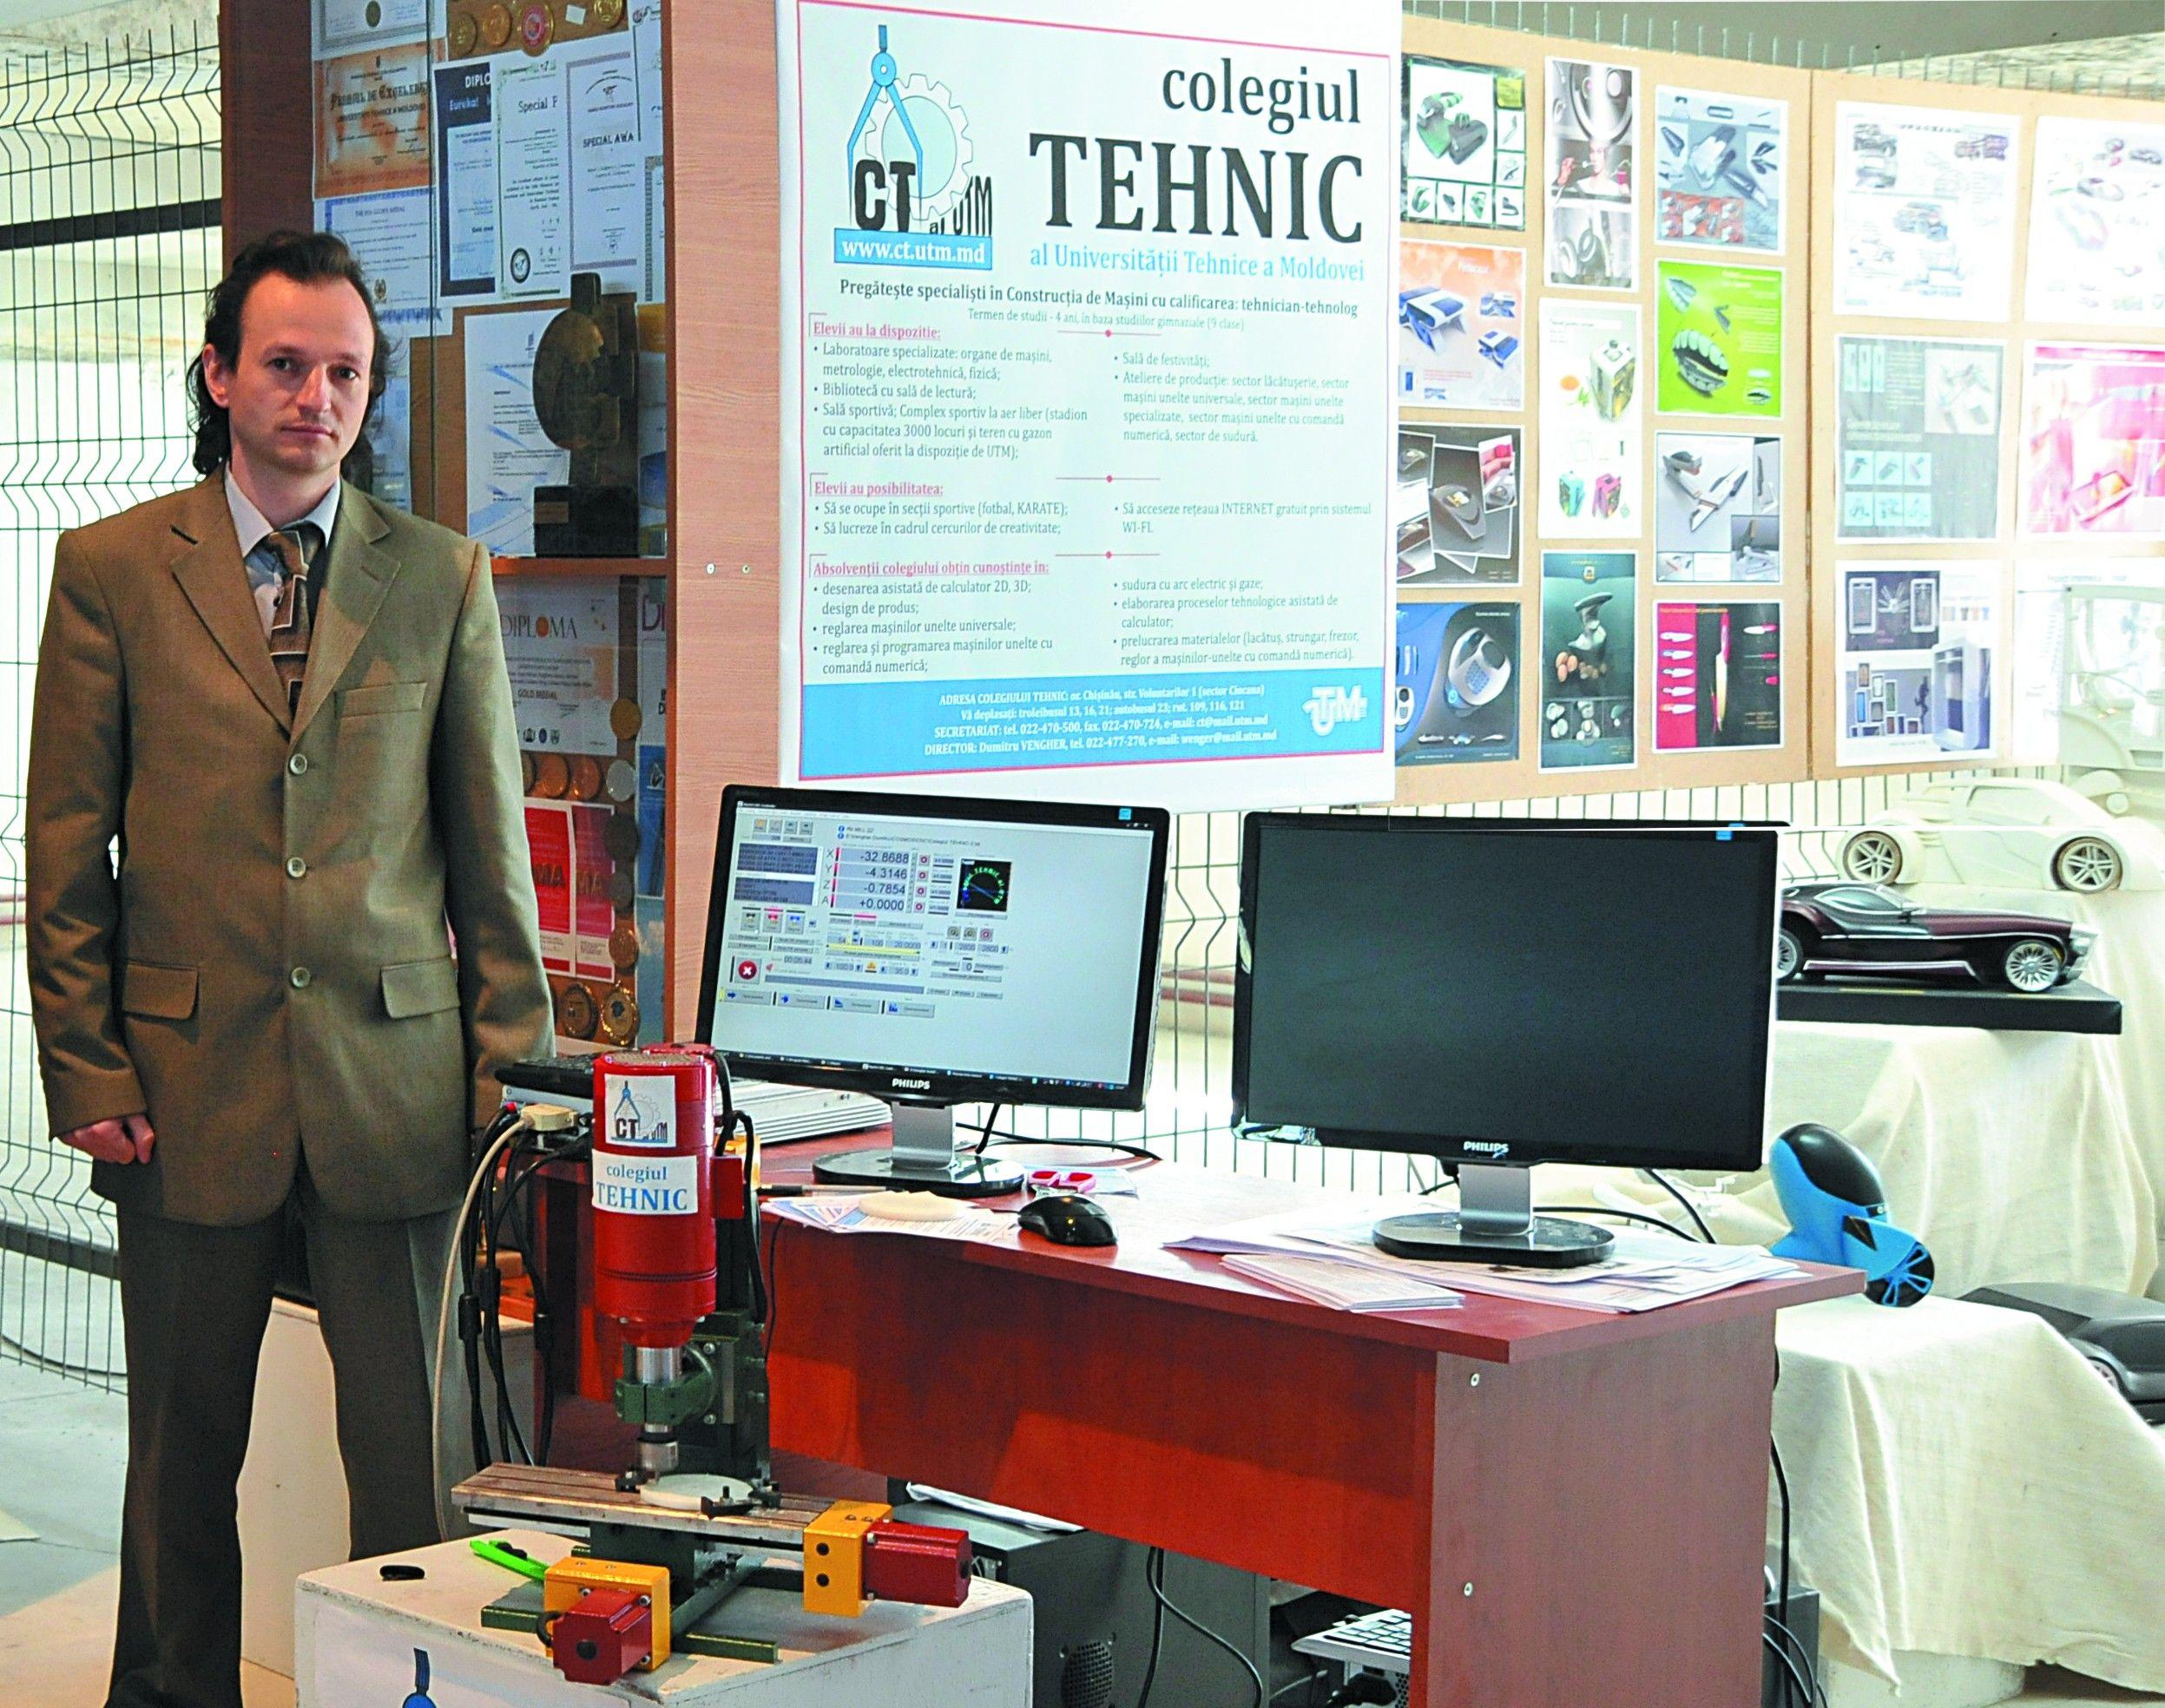 """Standul expozițional al Colegiului Tehnic la Expoziția """"Creativitatea deschide Universul"""" organizată la Universitatea Tehnică a Moldovei, mai 2014"""